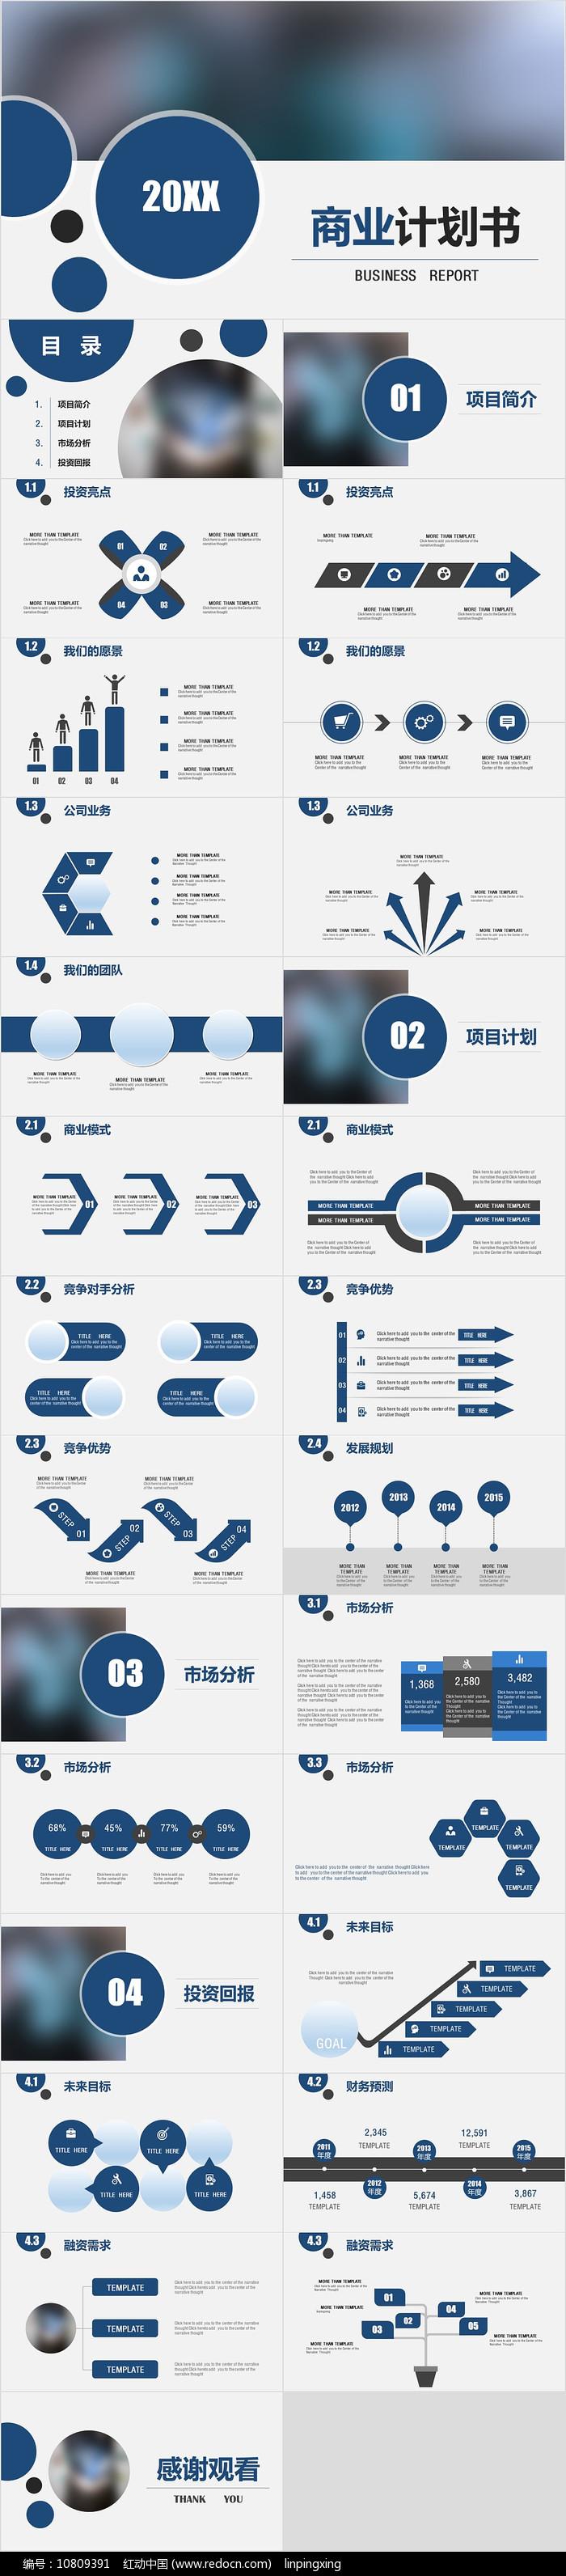 实用创业计划书项目融资商业计划书PPT图片